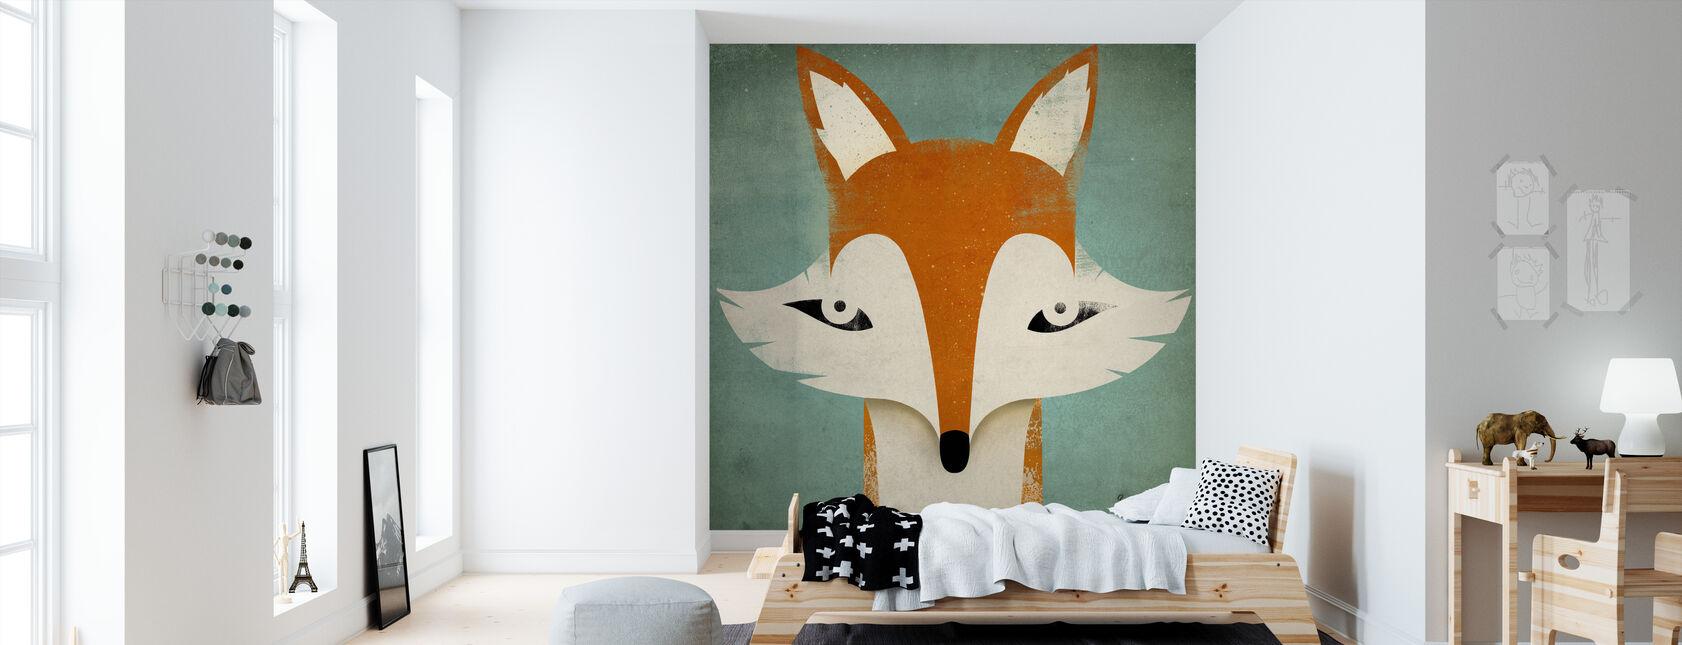 Fuchs - Tapete - Kinderzimmer